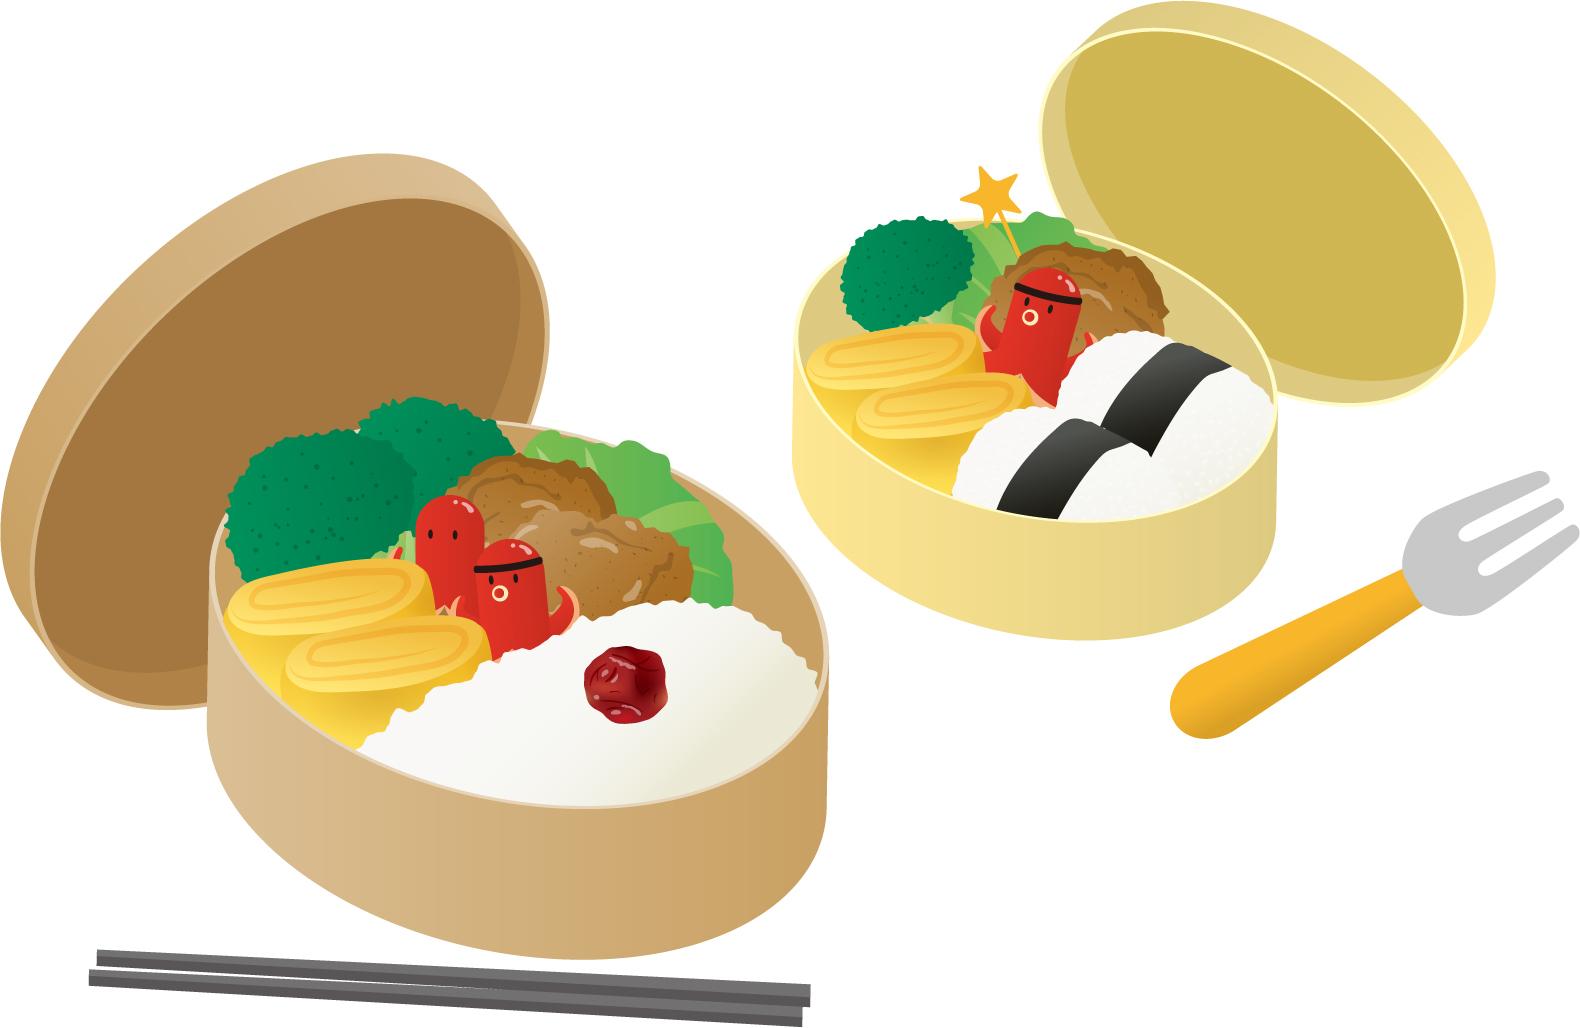 旦那のお弁当 おかずは簡単な物しか作れません。ピーマン、もやし、キャベツのおかず